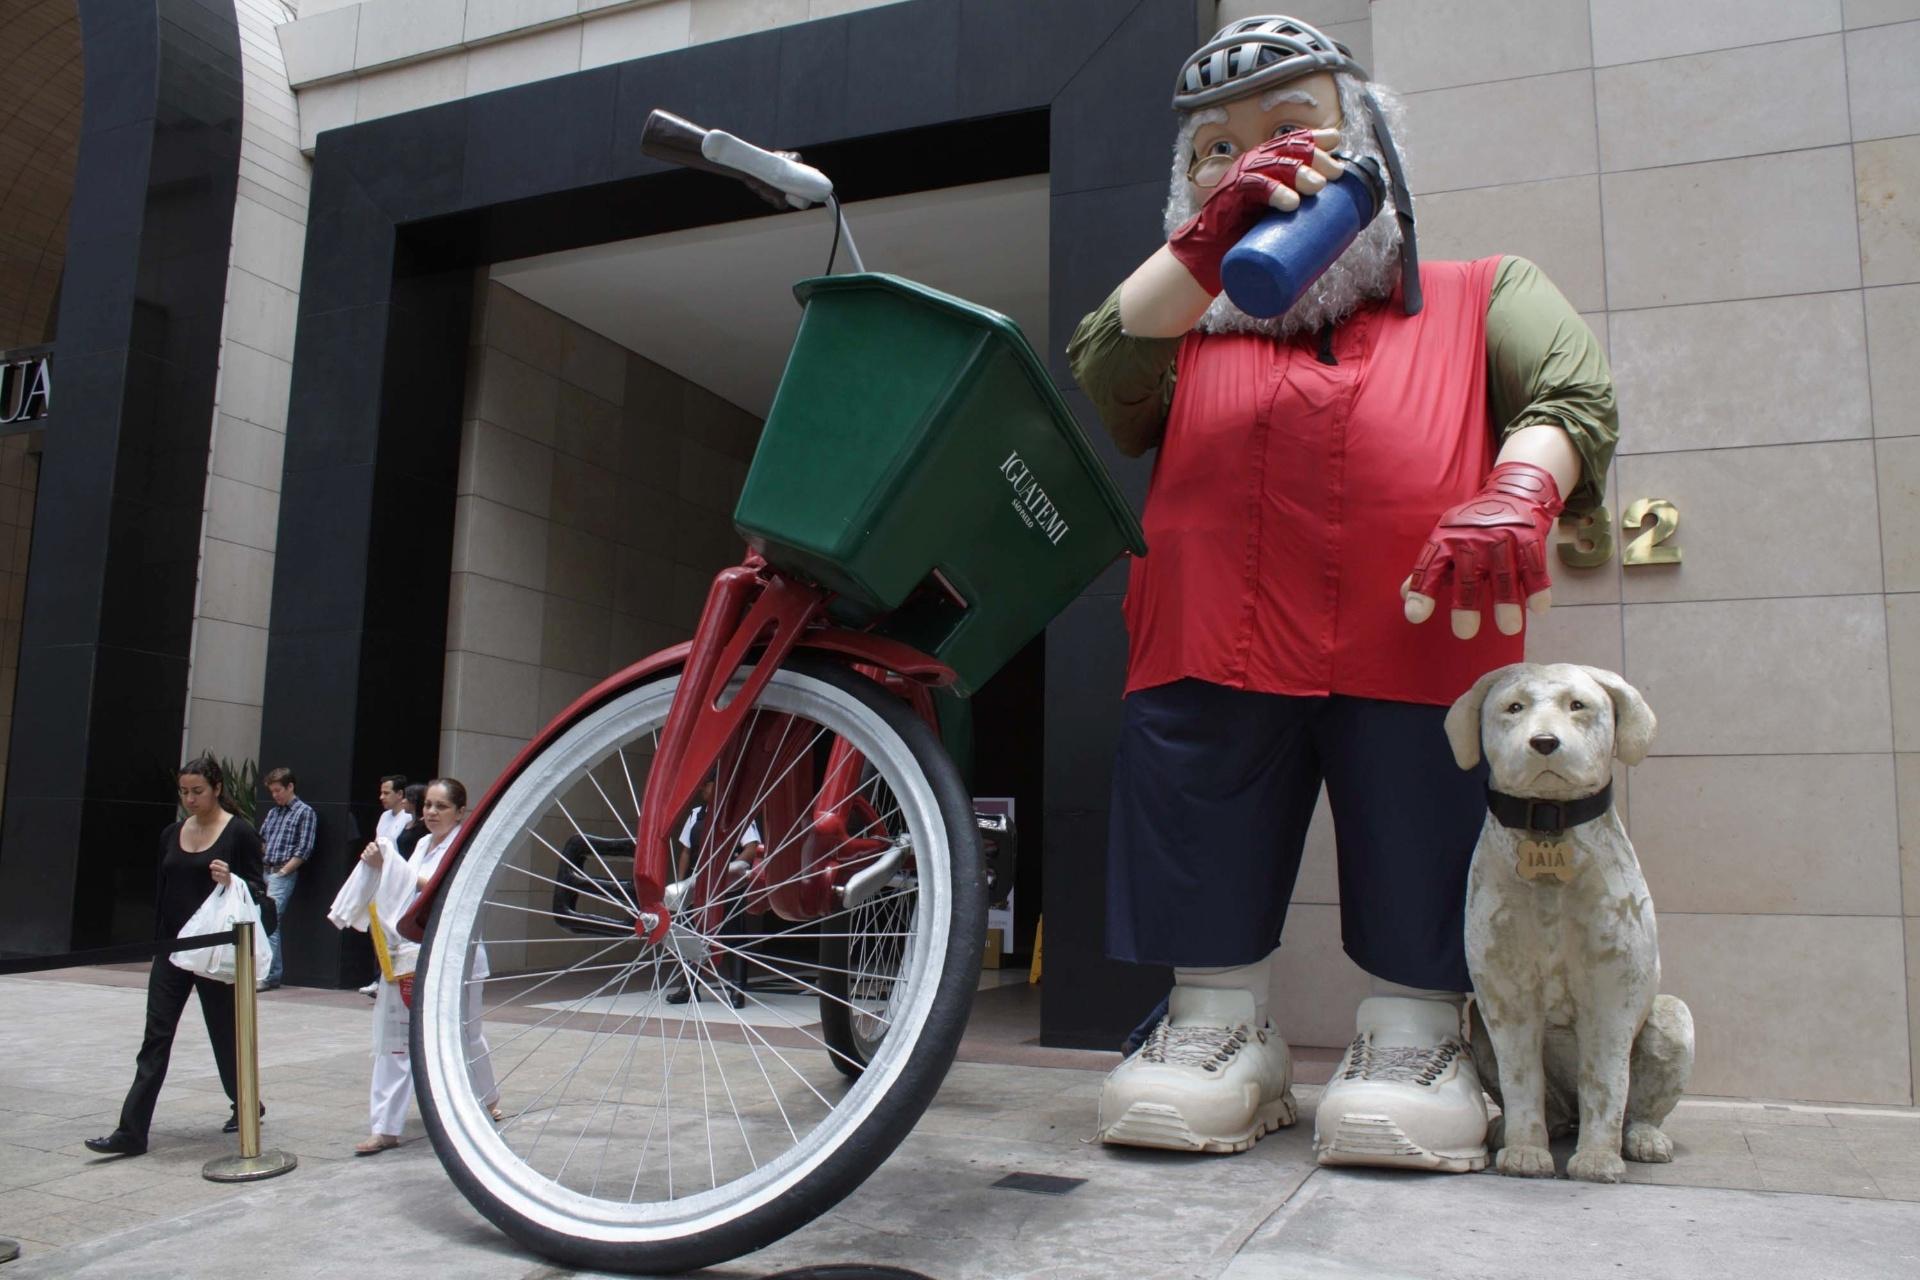 28.nov.2014 - Um Papai Noel ciclista gigante foi instalado em frente ao Shopping Iguatemi, na avenida Faria Lima, nos Jardins, Zona Sul de São Paulo, para as celebrações do Natal